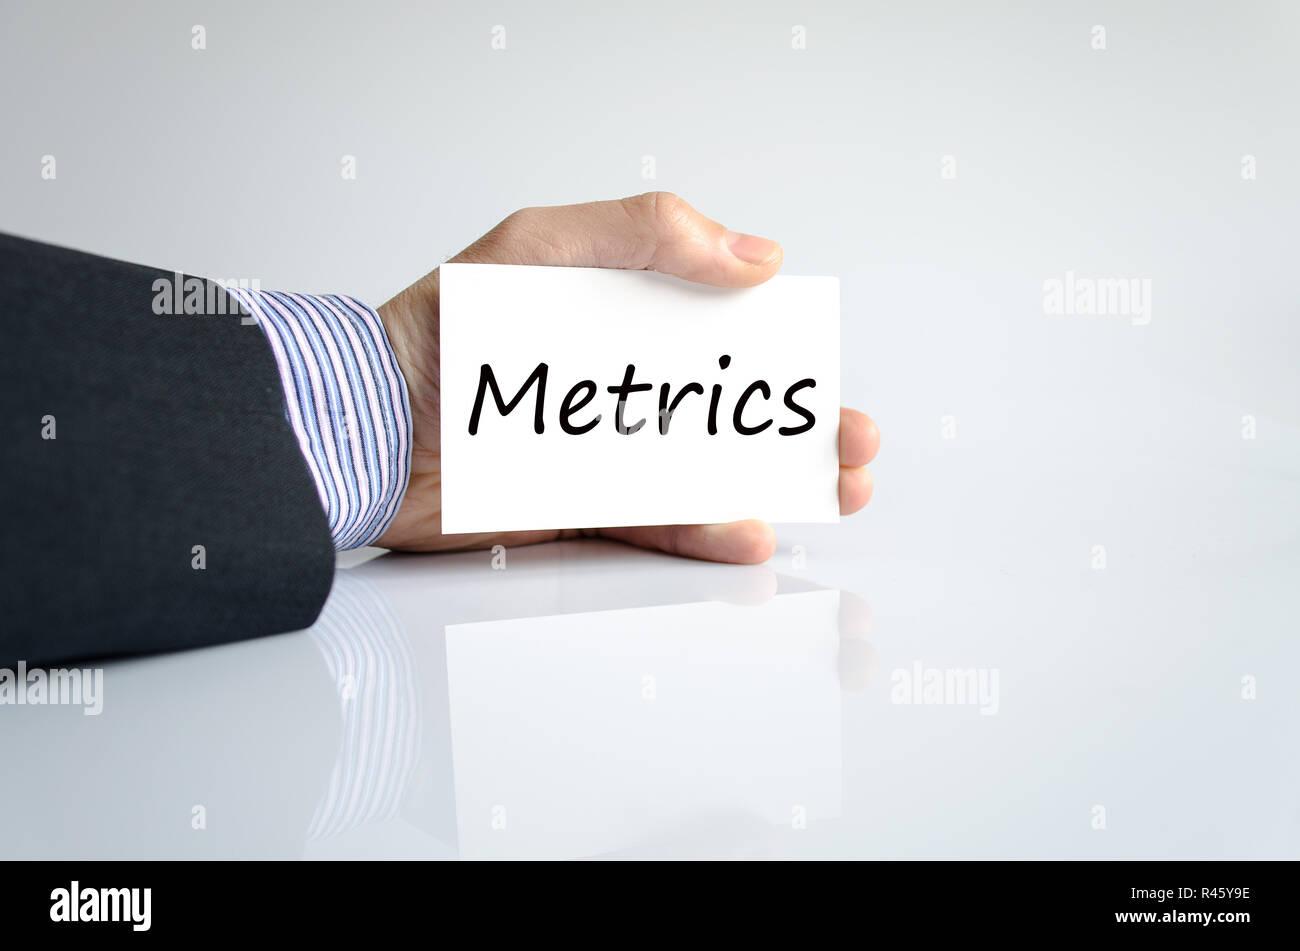 Metrics text concept - Stock Image